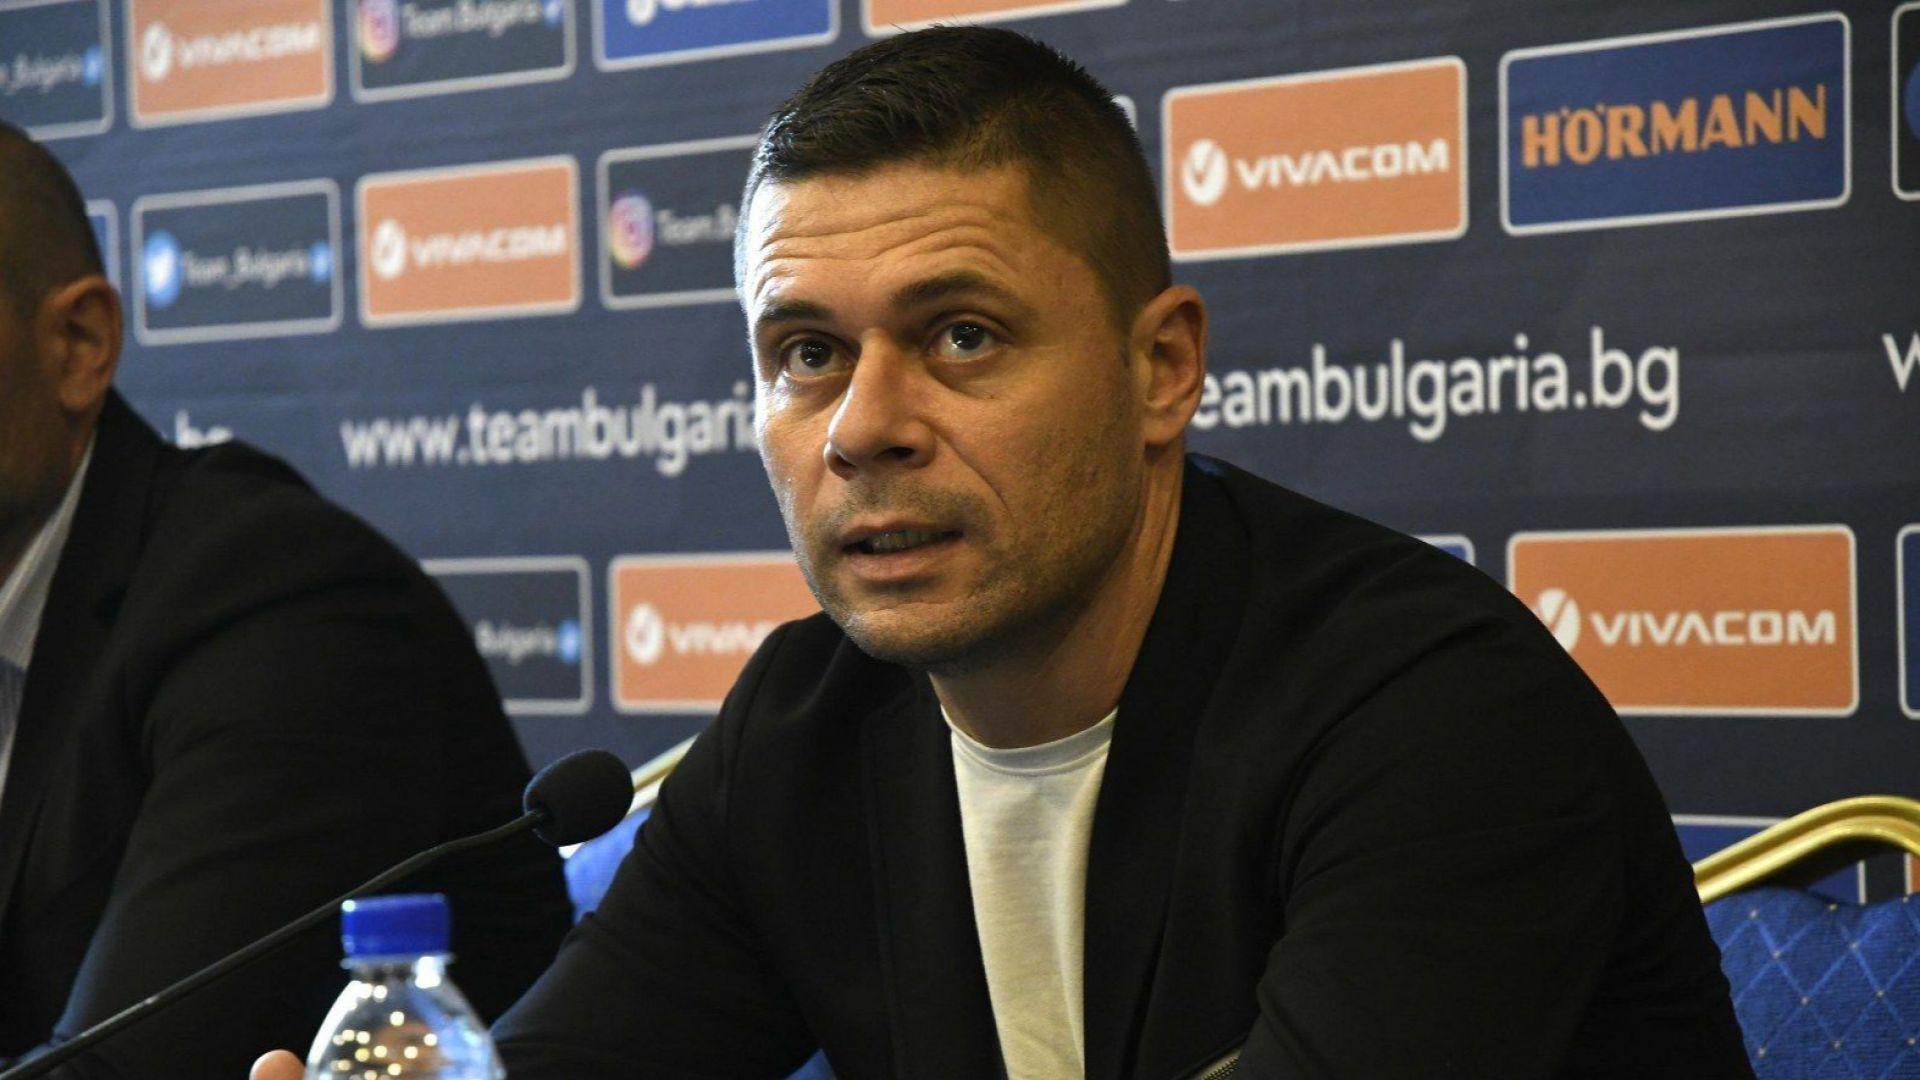 Одобряват треньора на младежите за нов национален селекционер?